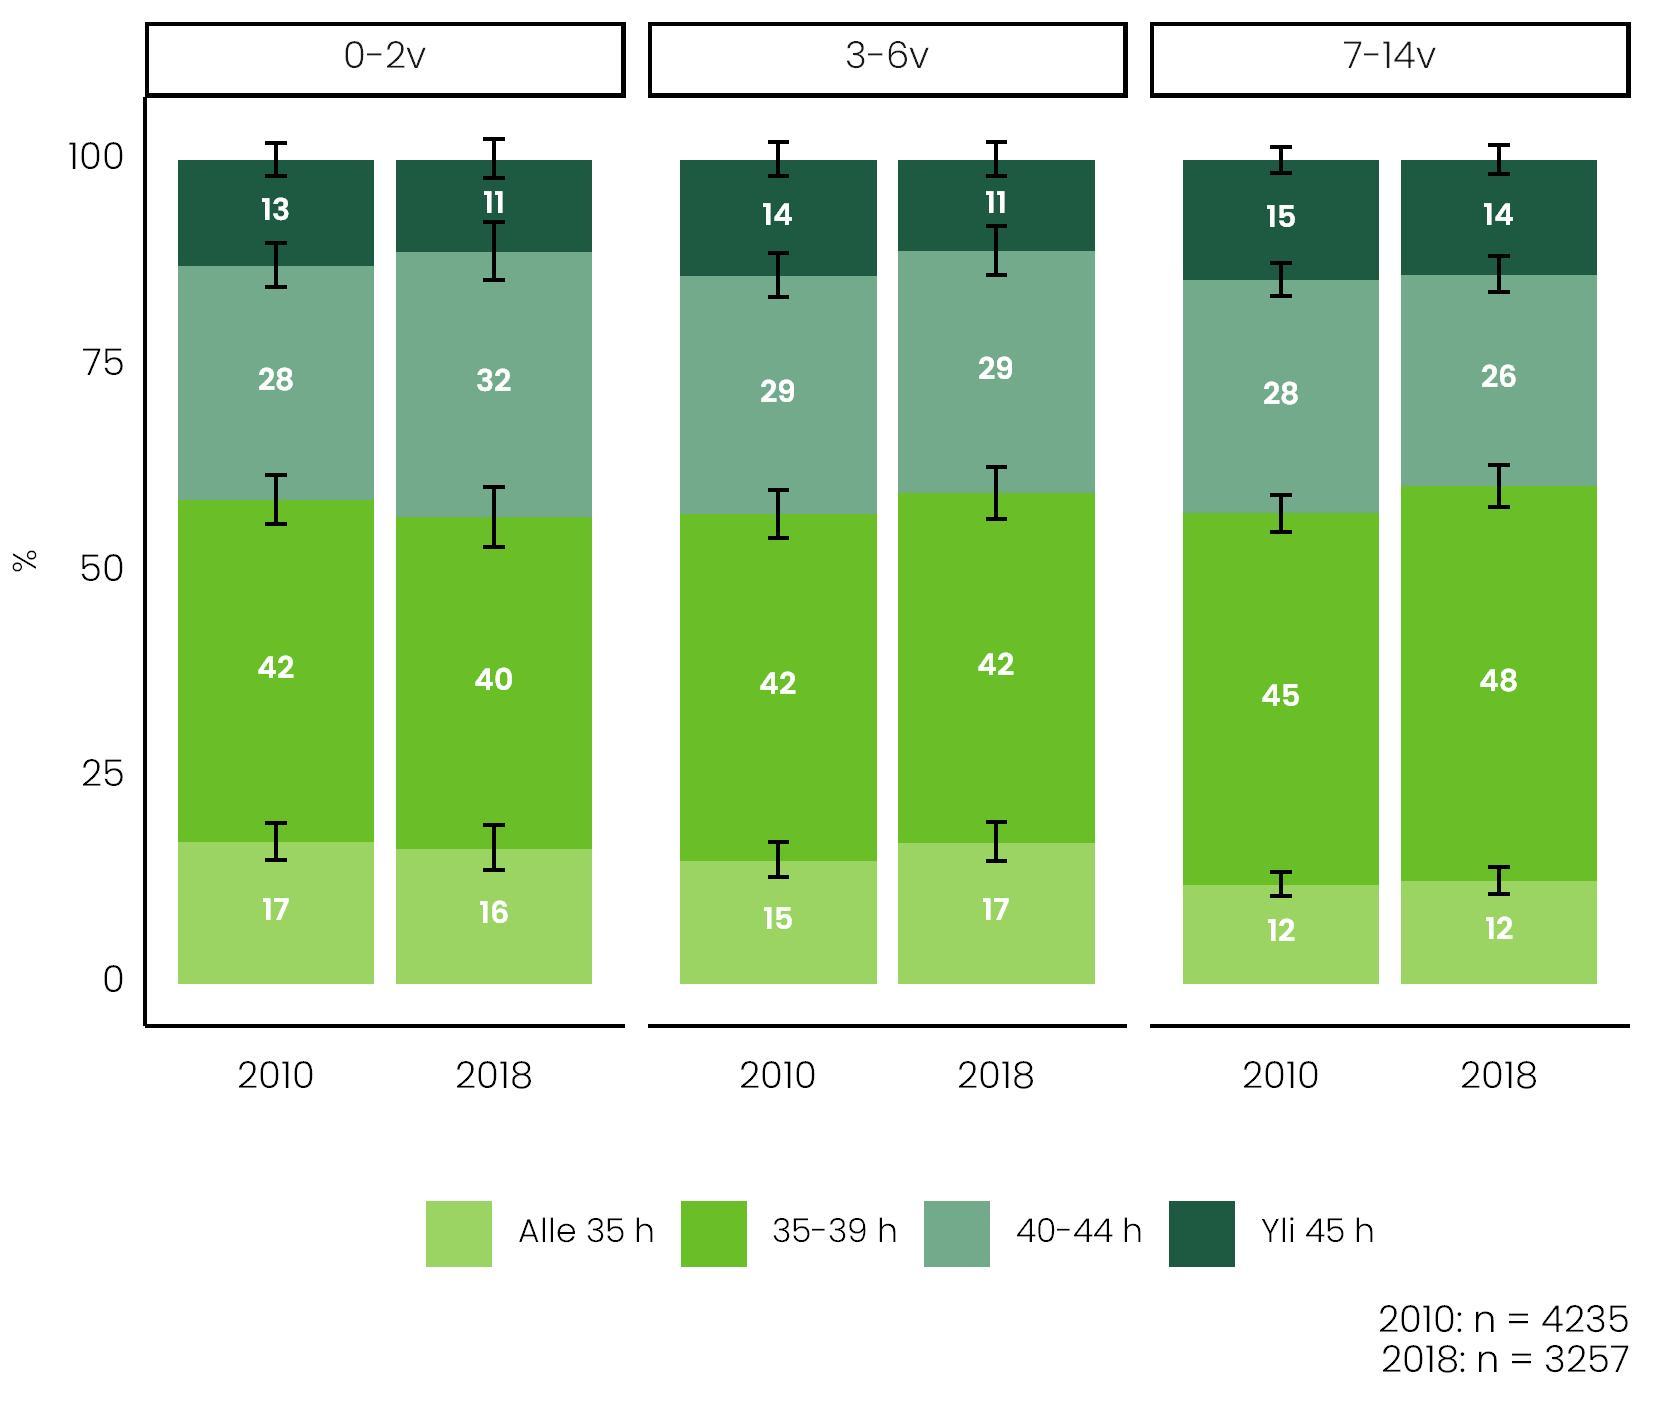 Kuvio 18 Kuvassa näkyy viikkotyöajat nuorimman lapsen iän mukaan vuosina 2010 ja 2018. Ryhmien välillä ei ollut suuria eroja työmäärissä.